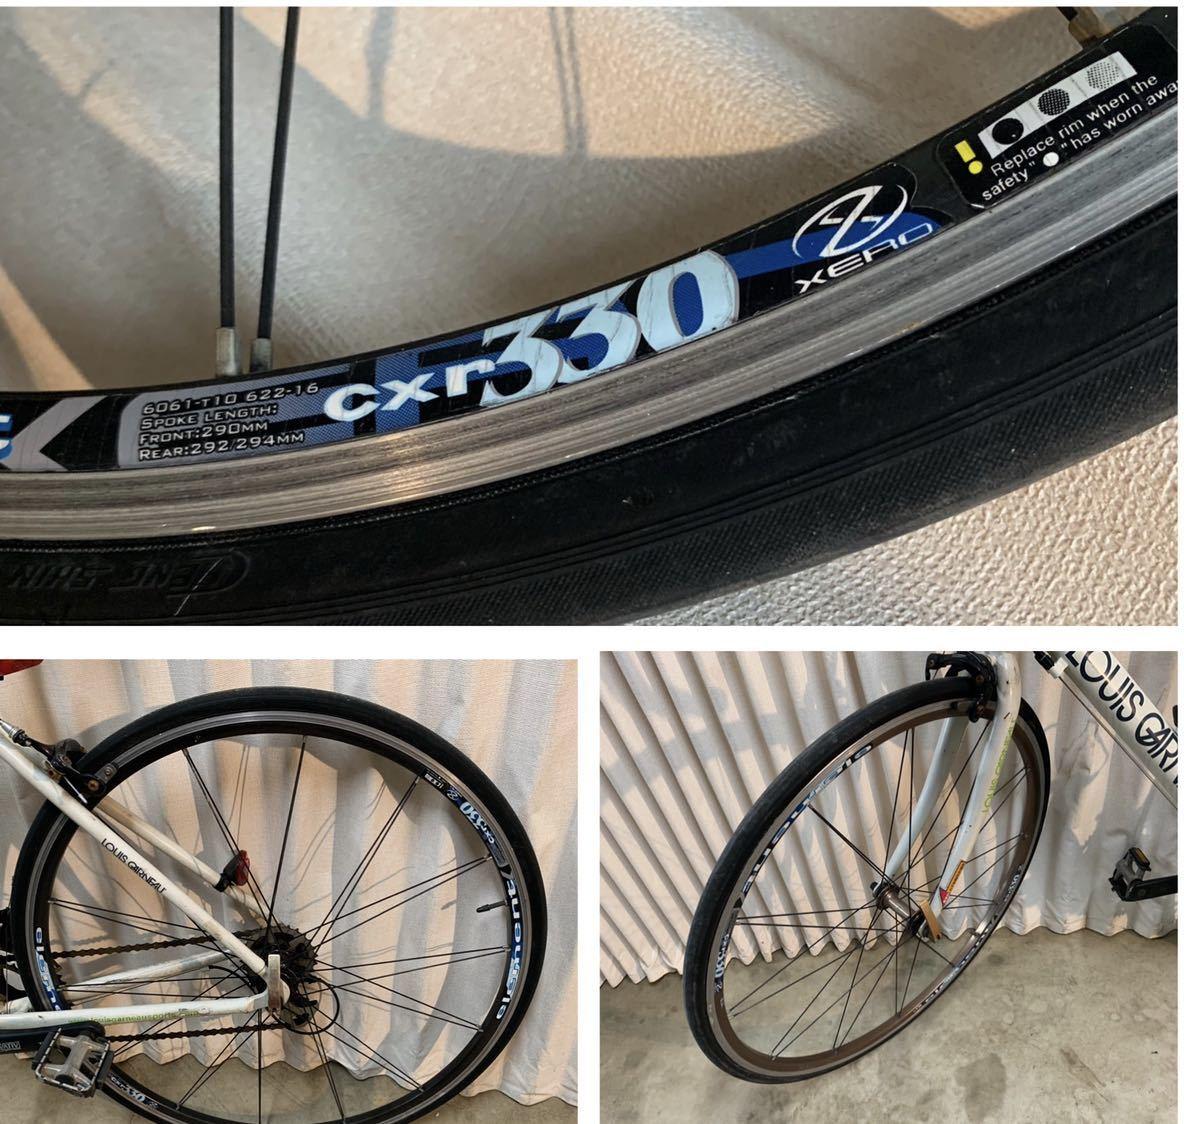 〔中古品〕ロードバイク LOUIS GARNEAU CR22 700×25C 2×9 18段変速 アルミフレーム グリップテープ、配送なし、取りに来れる方のみ。_画像8